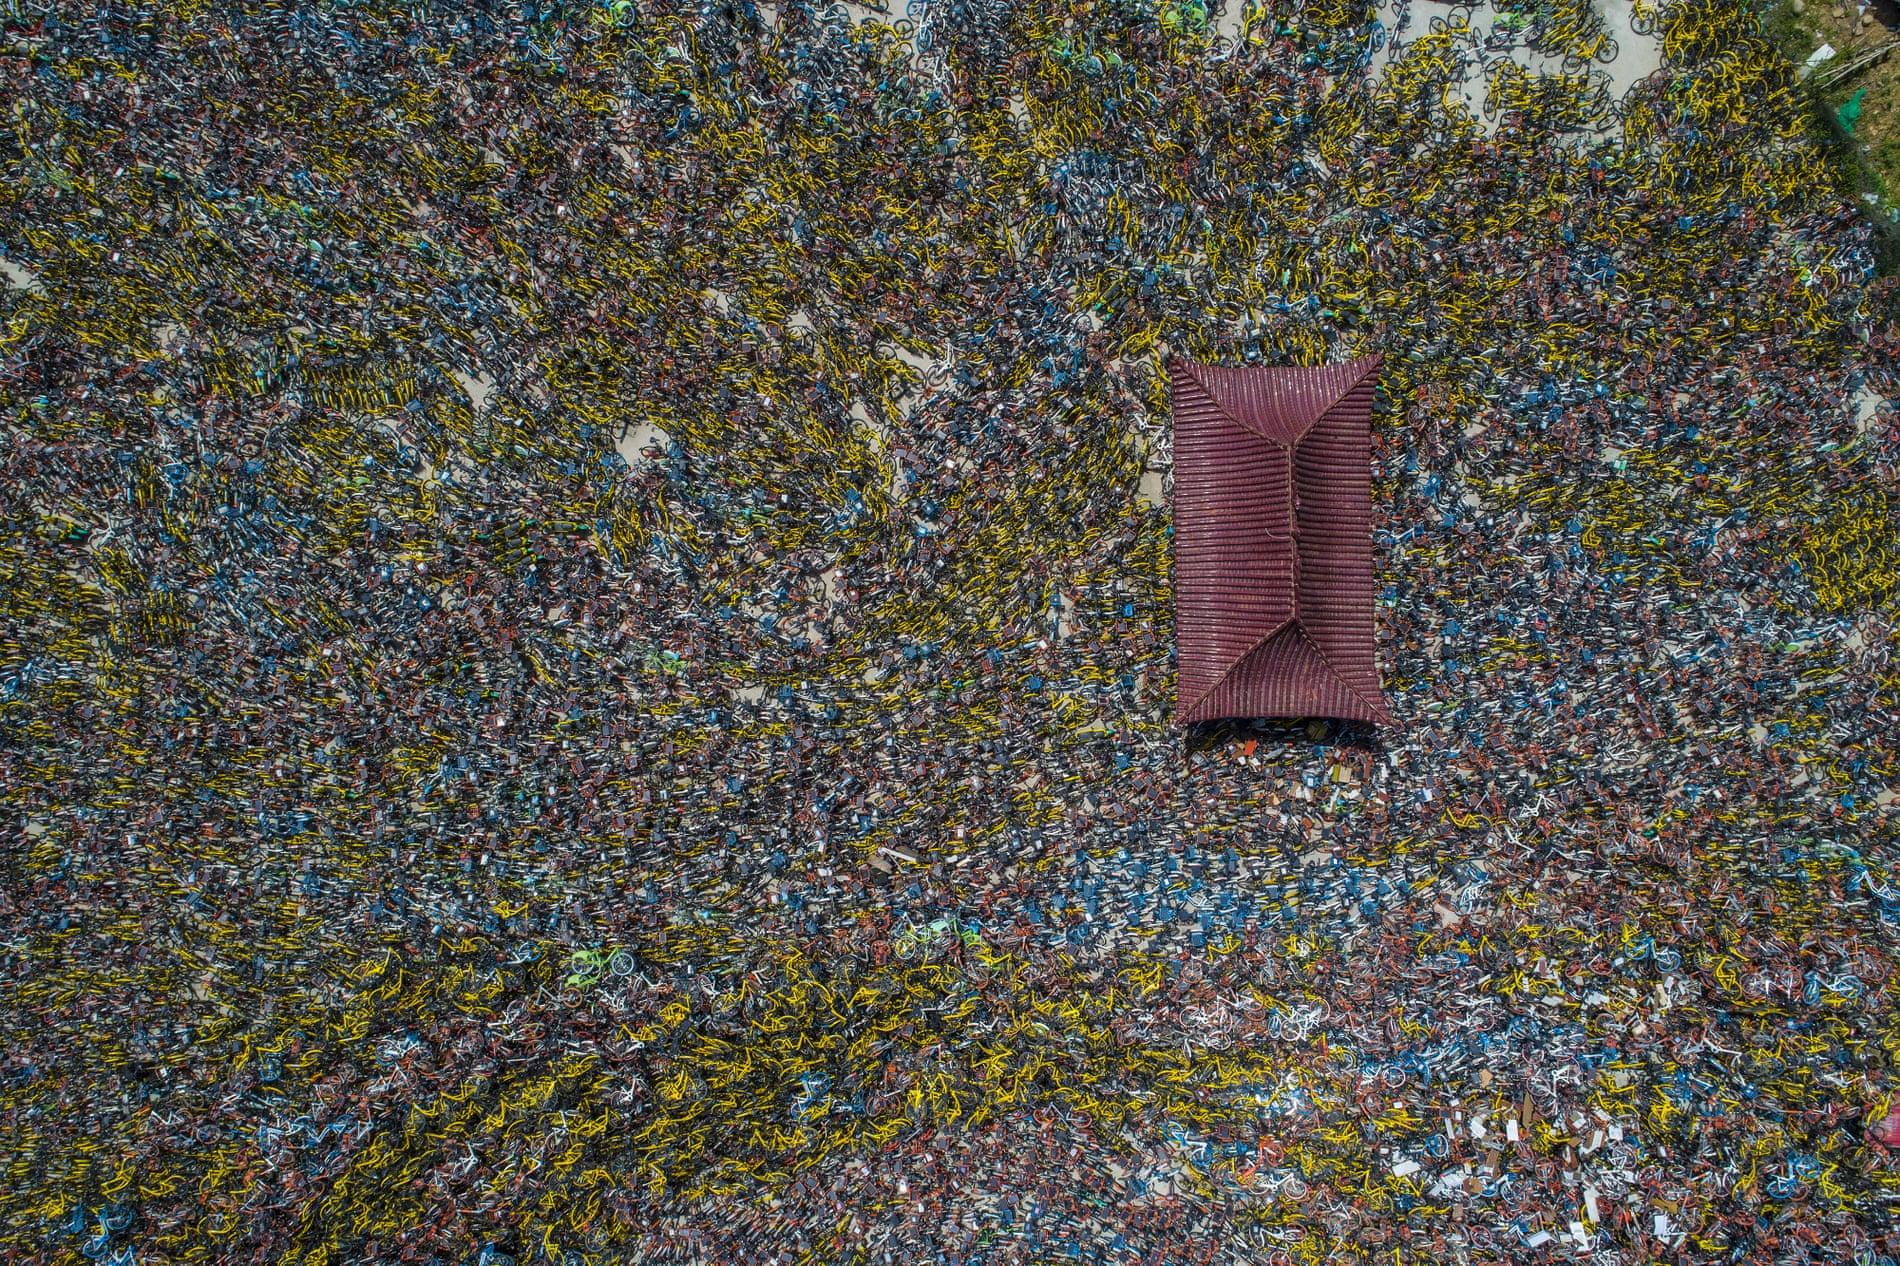 中国自行车墓地意想不到的美丽